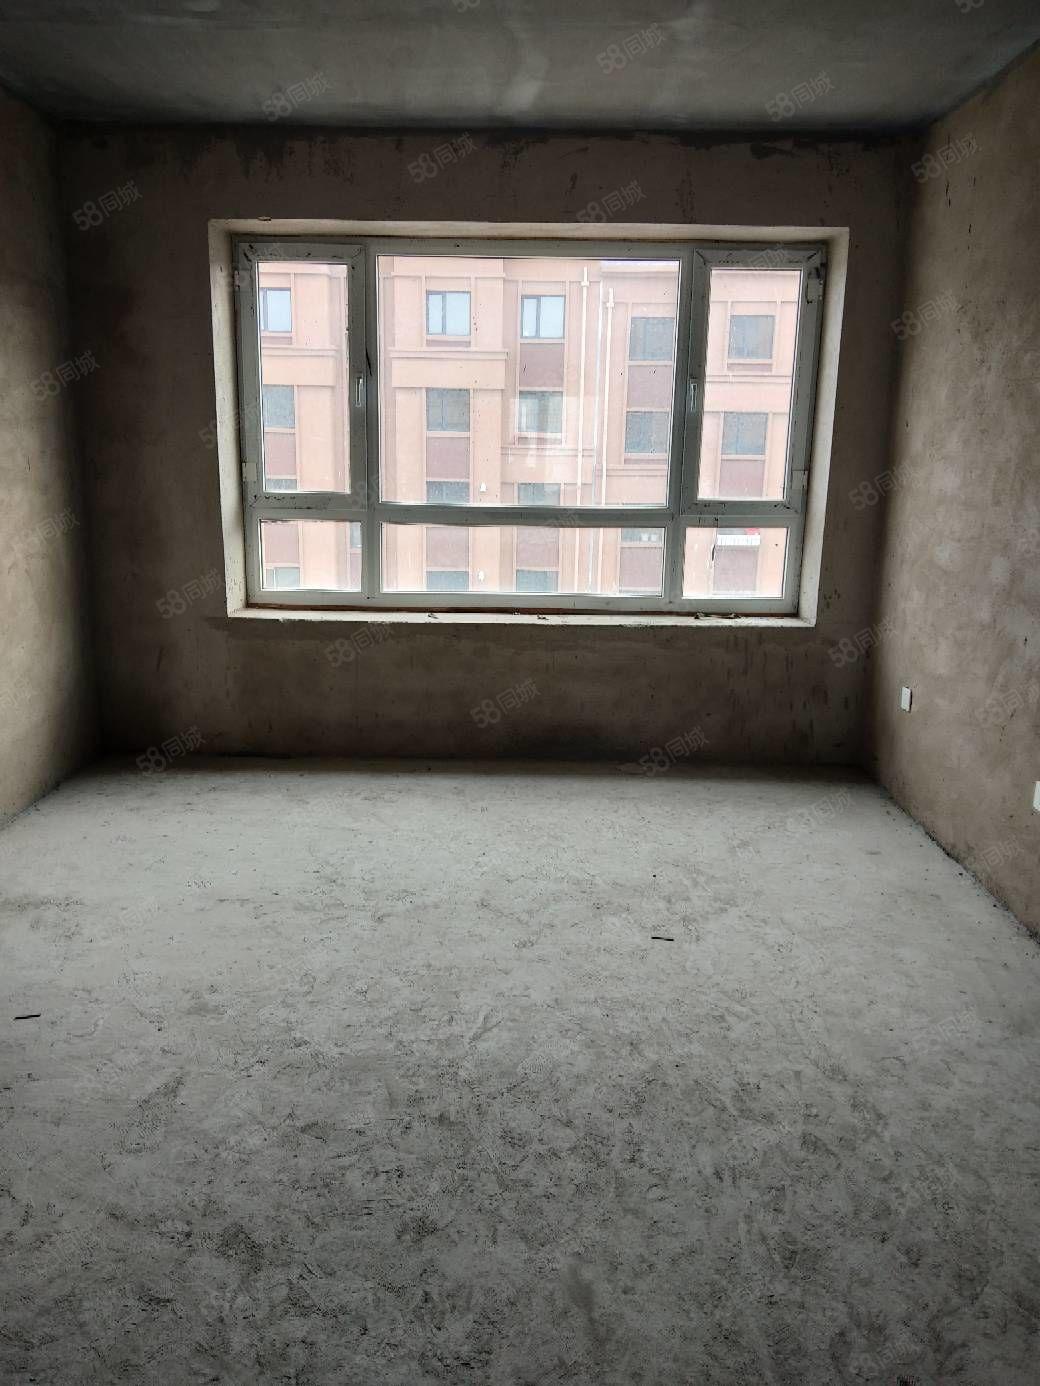 大禹城邦超便宜房源每平5769元21楼6105元